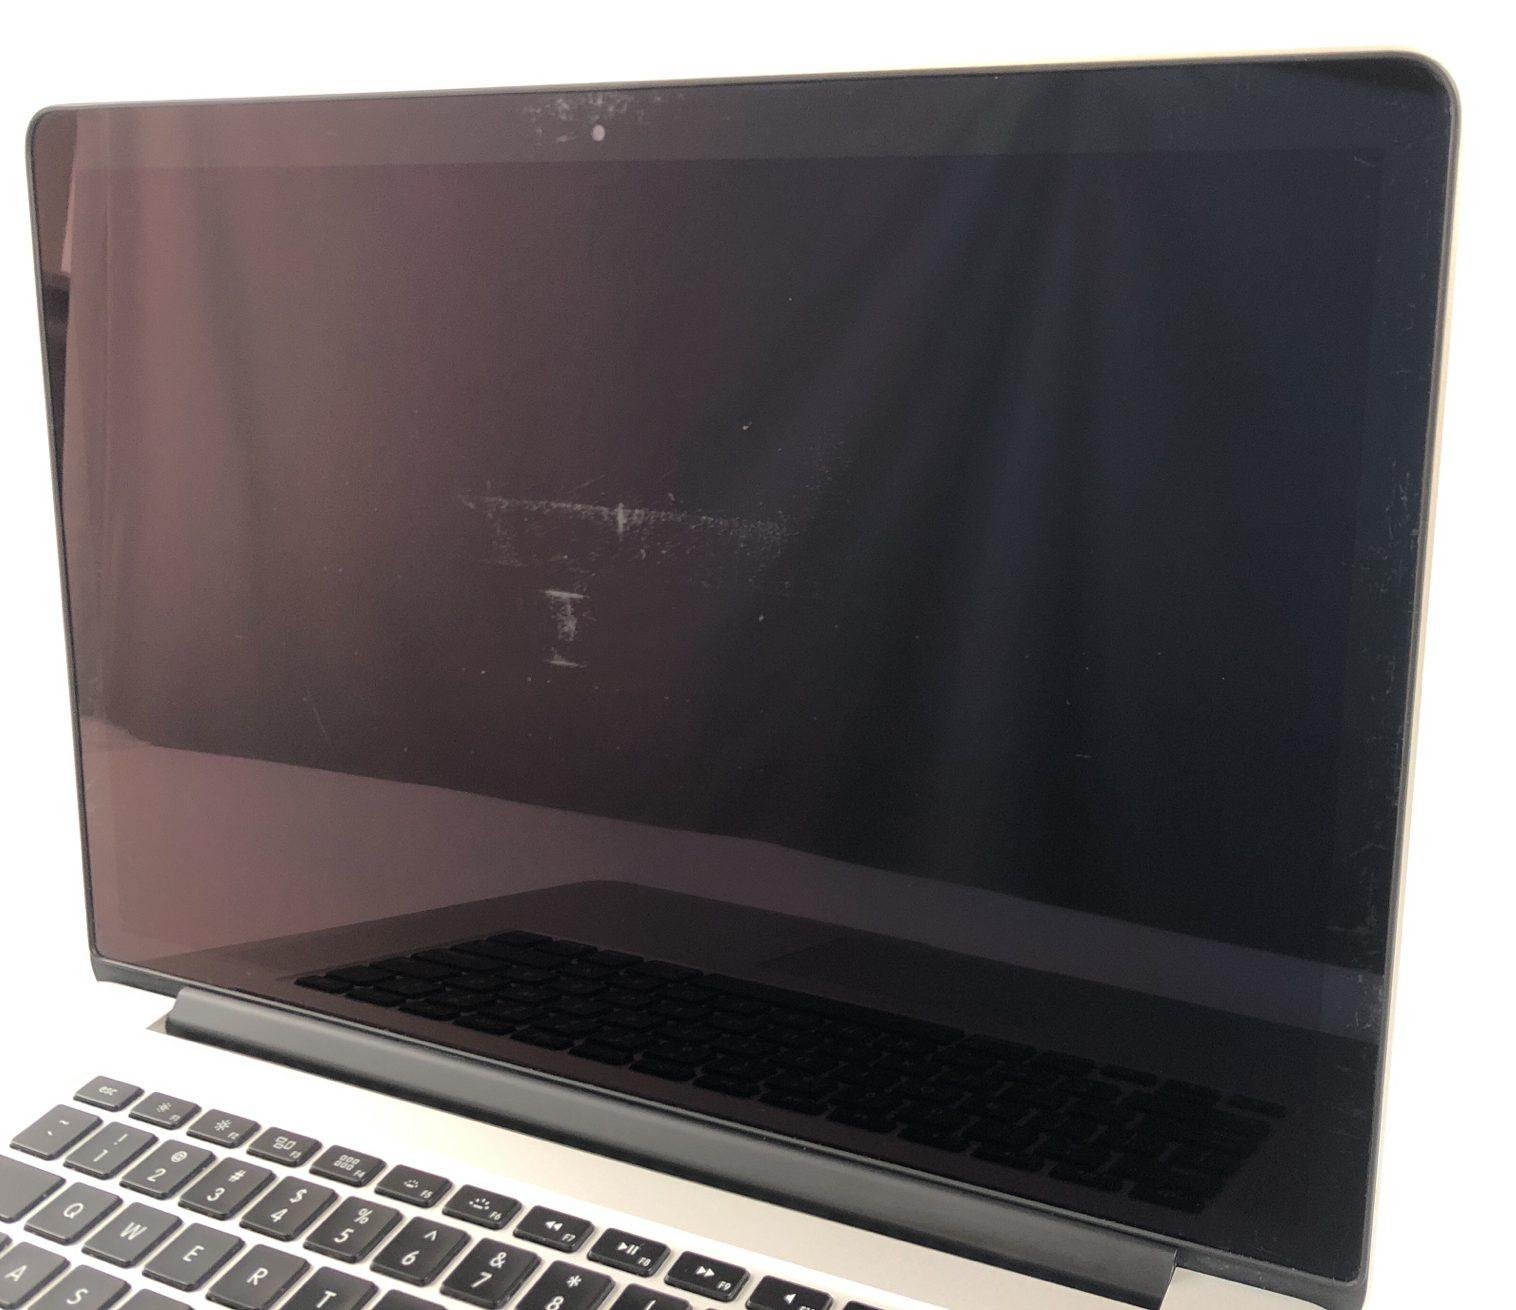 """MacBook Pro Retina 15"""" Mid 2015 (Intel Quad-Core i7 2.2 GHz 16 GB RAM 256 GB SSD), Intel Quad-Core i7 2.2 GHz, 16 GB RAM, 256 GB SSD, image 3"""